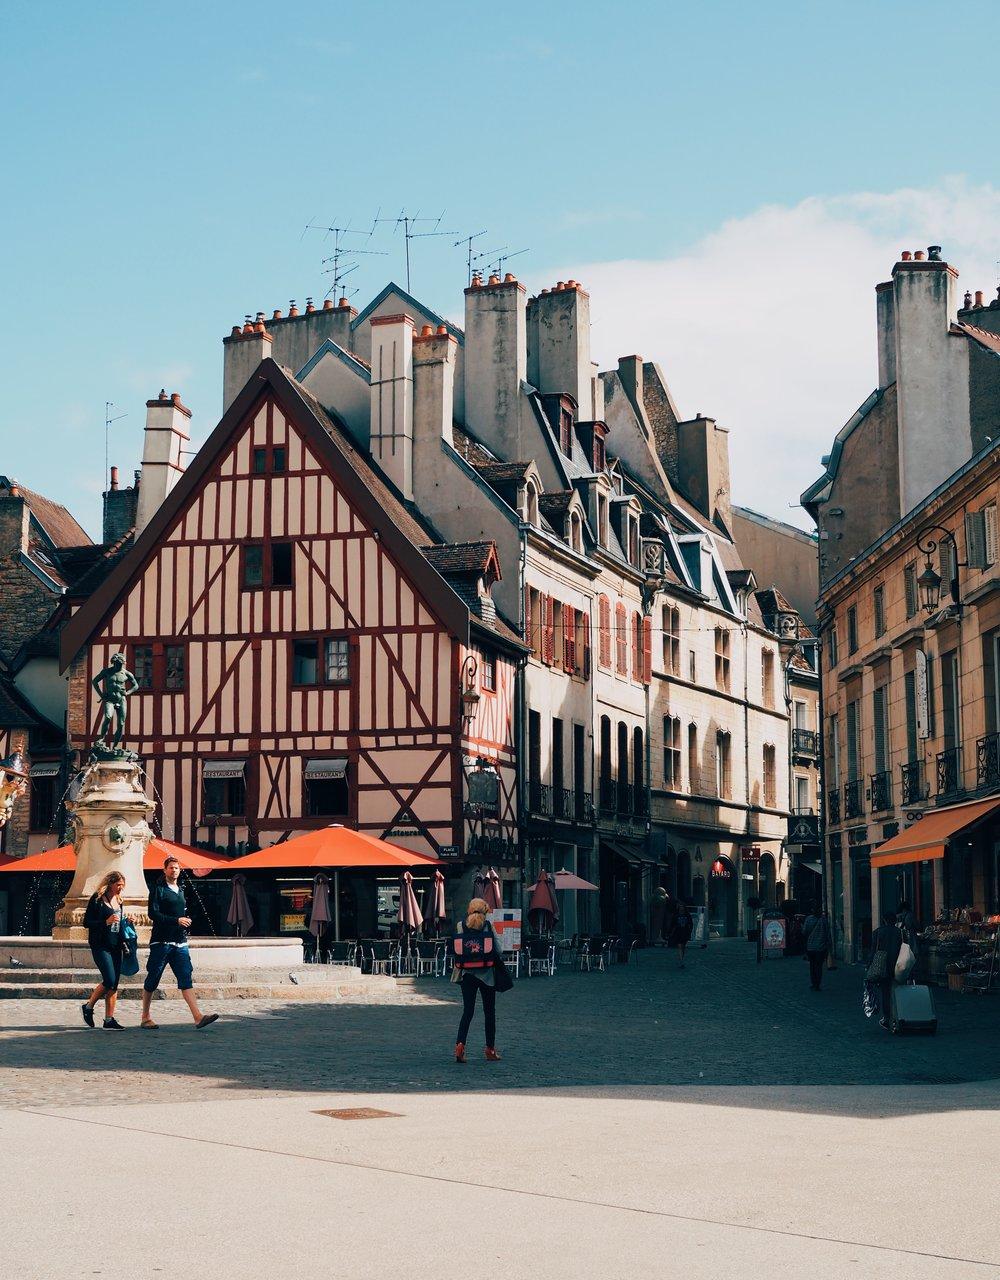 Dijon - France